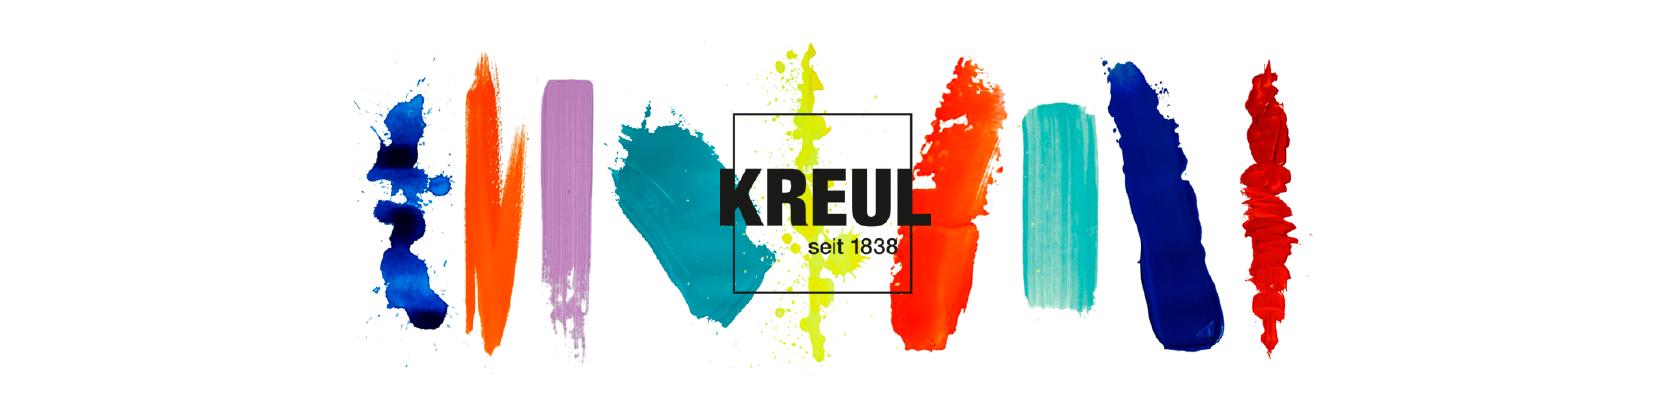 kreul Logo - Lieferant unseres Bastelladen in Lohne